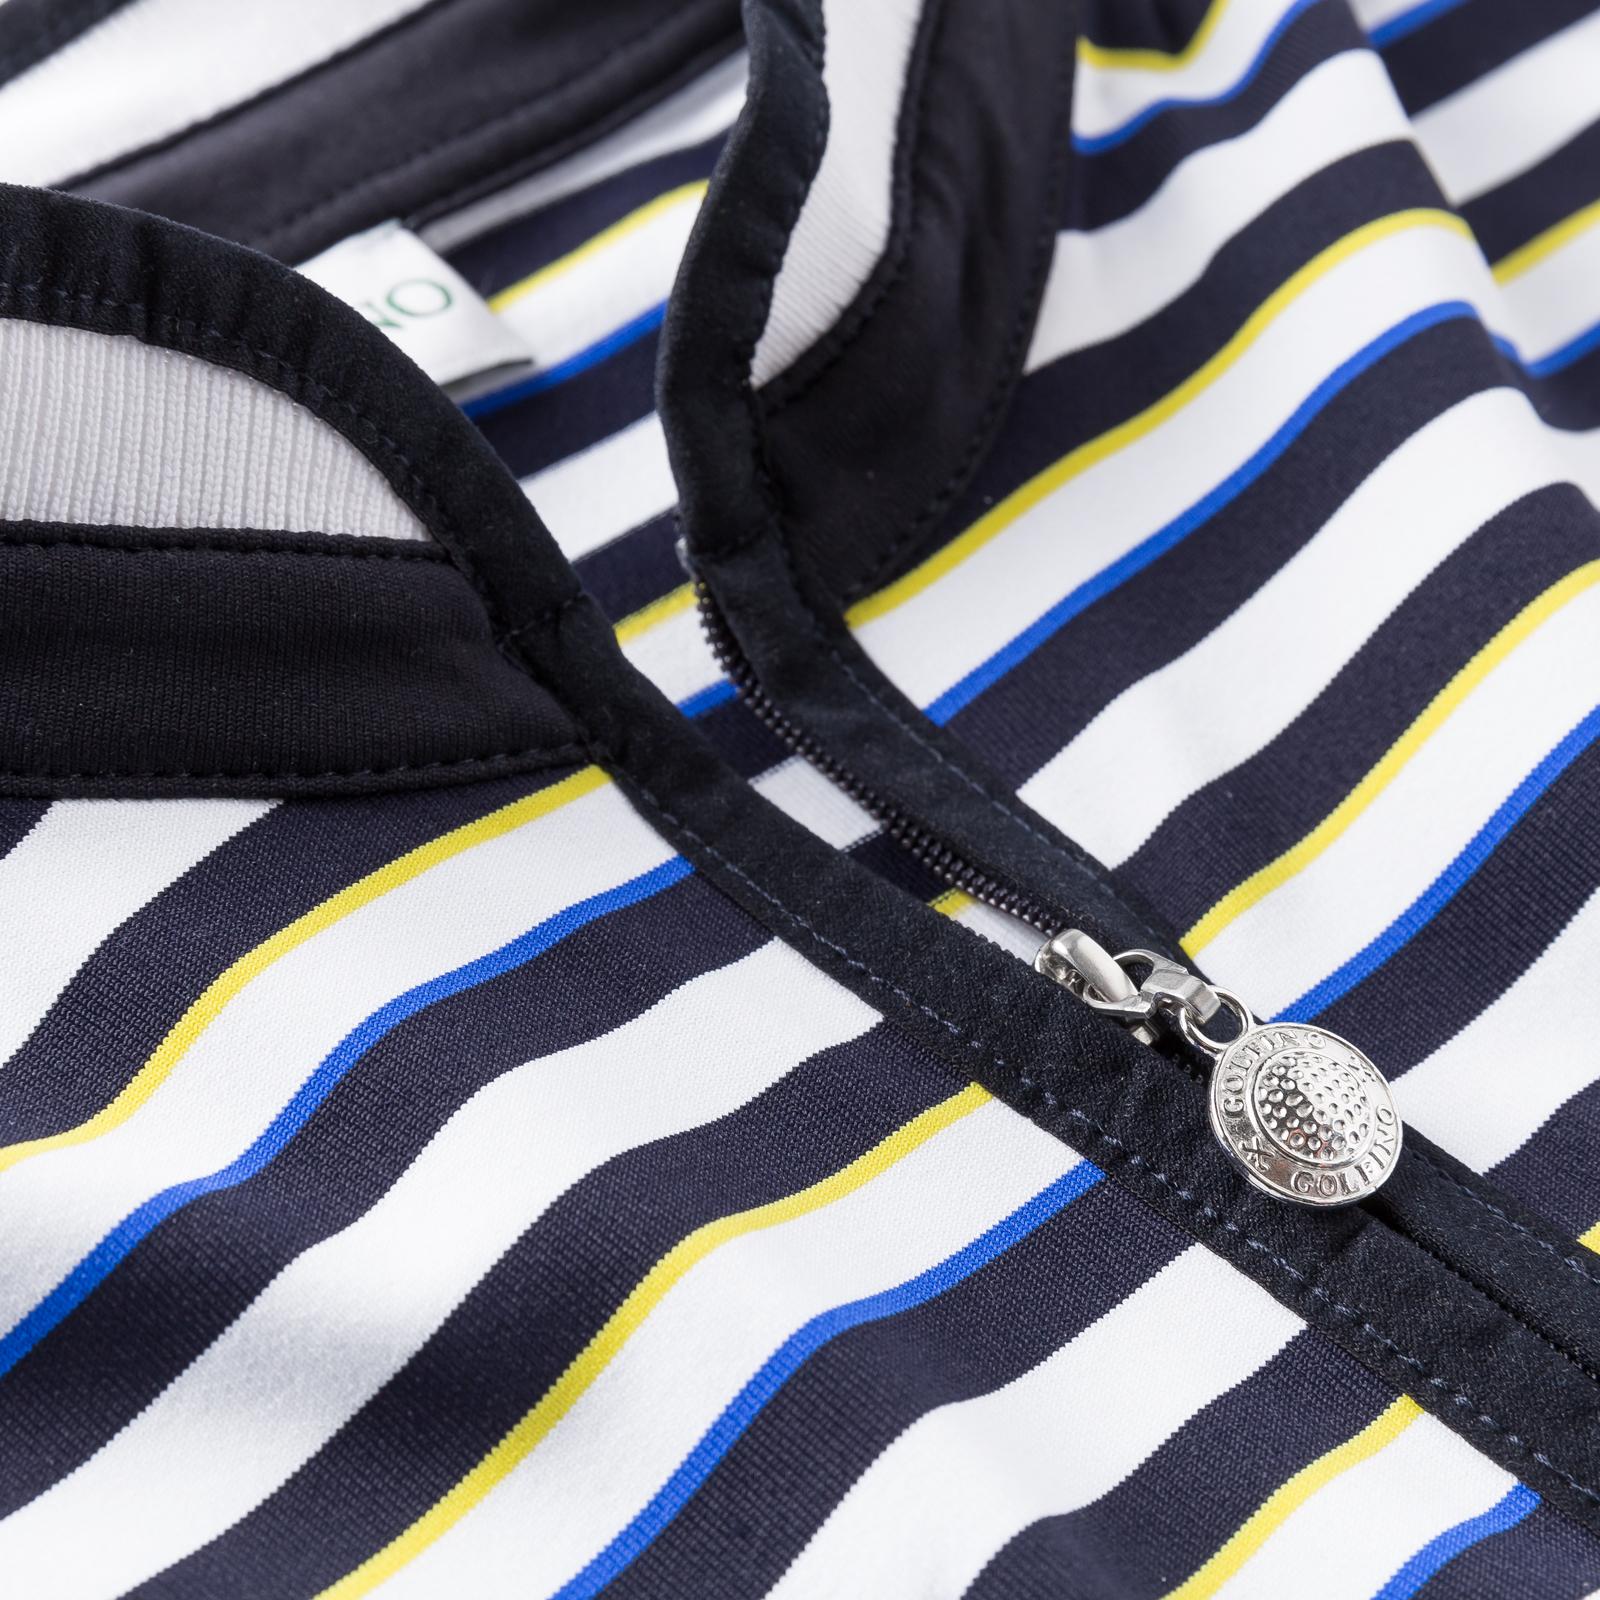 Damen Golfpolo Sonnenschutz und Extra Stretch-Komfort mit Flügelärmeln